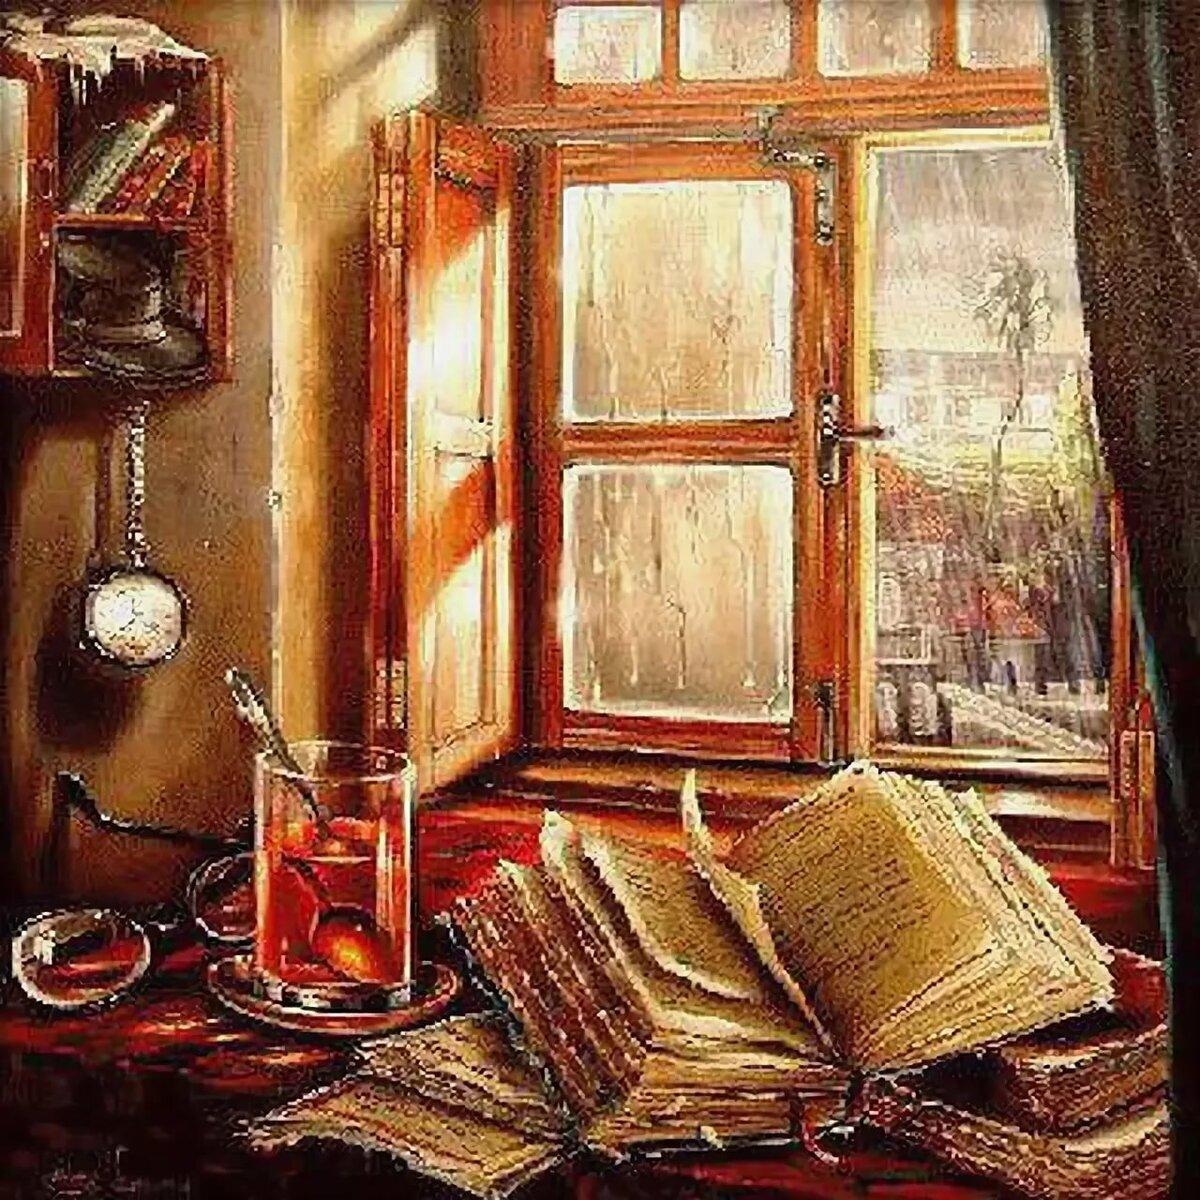 Открытка за окном, внучки годик приколы